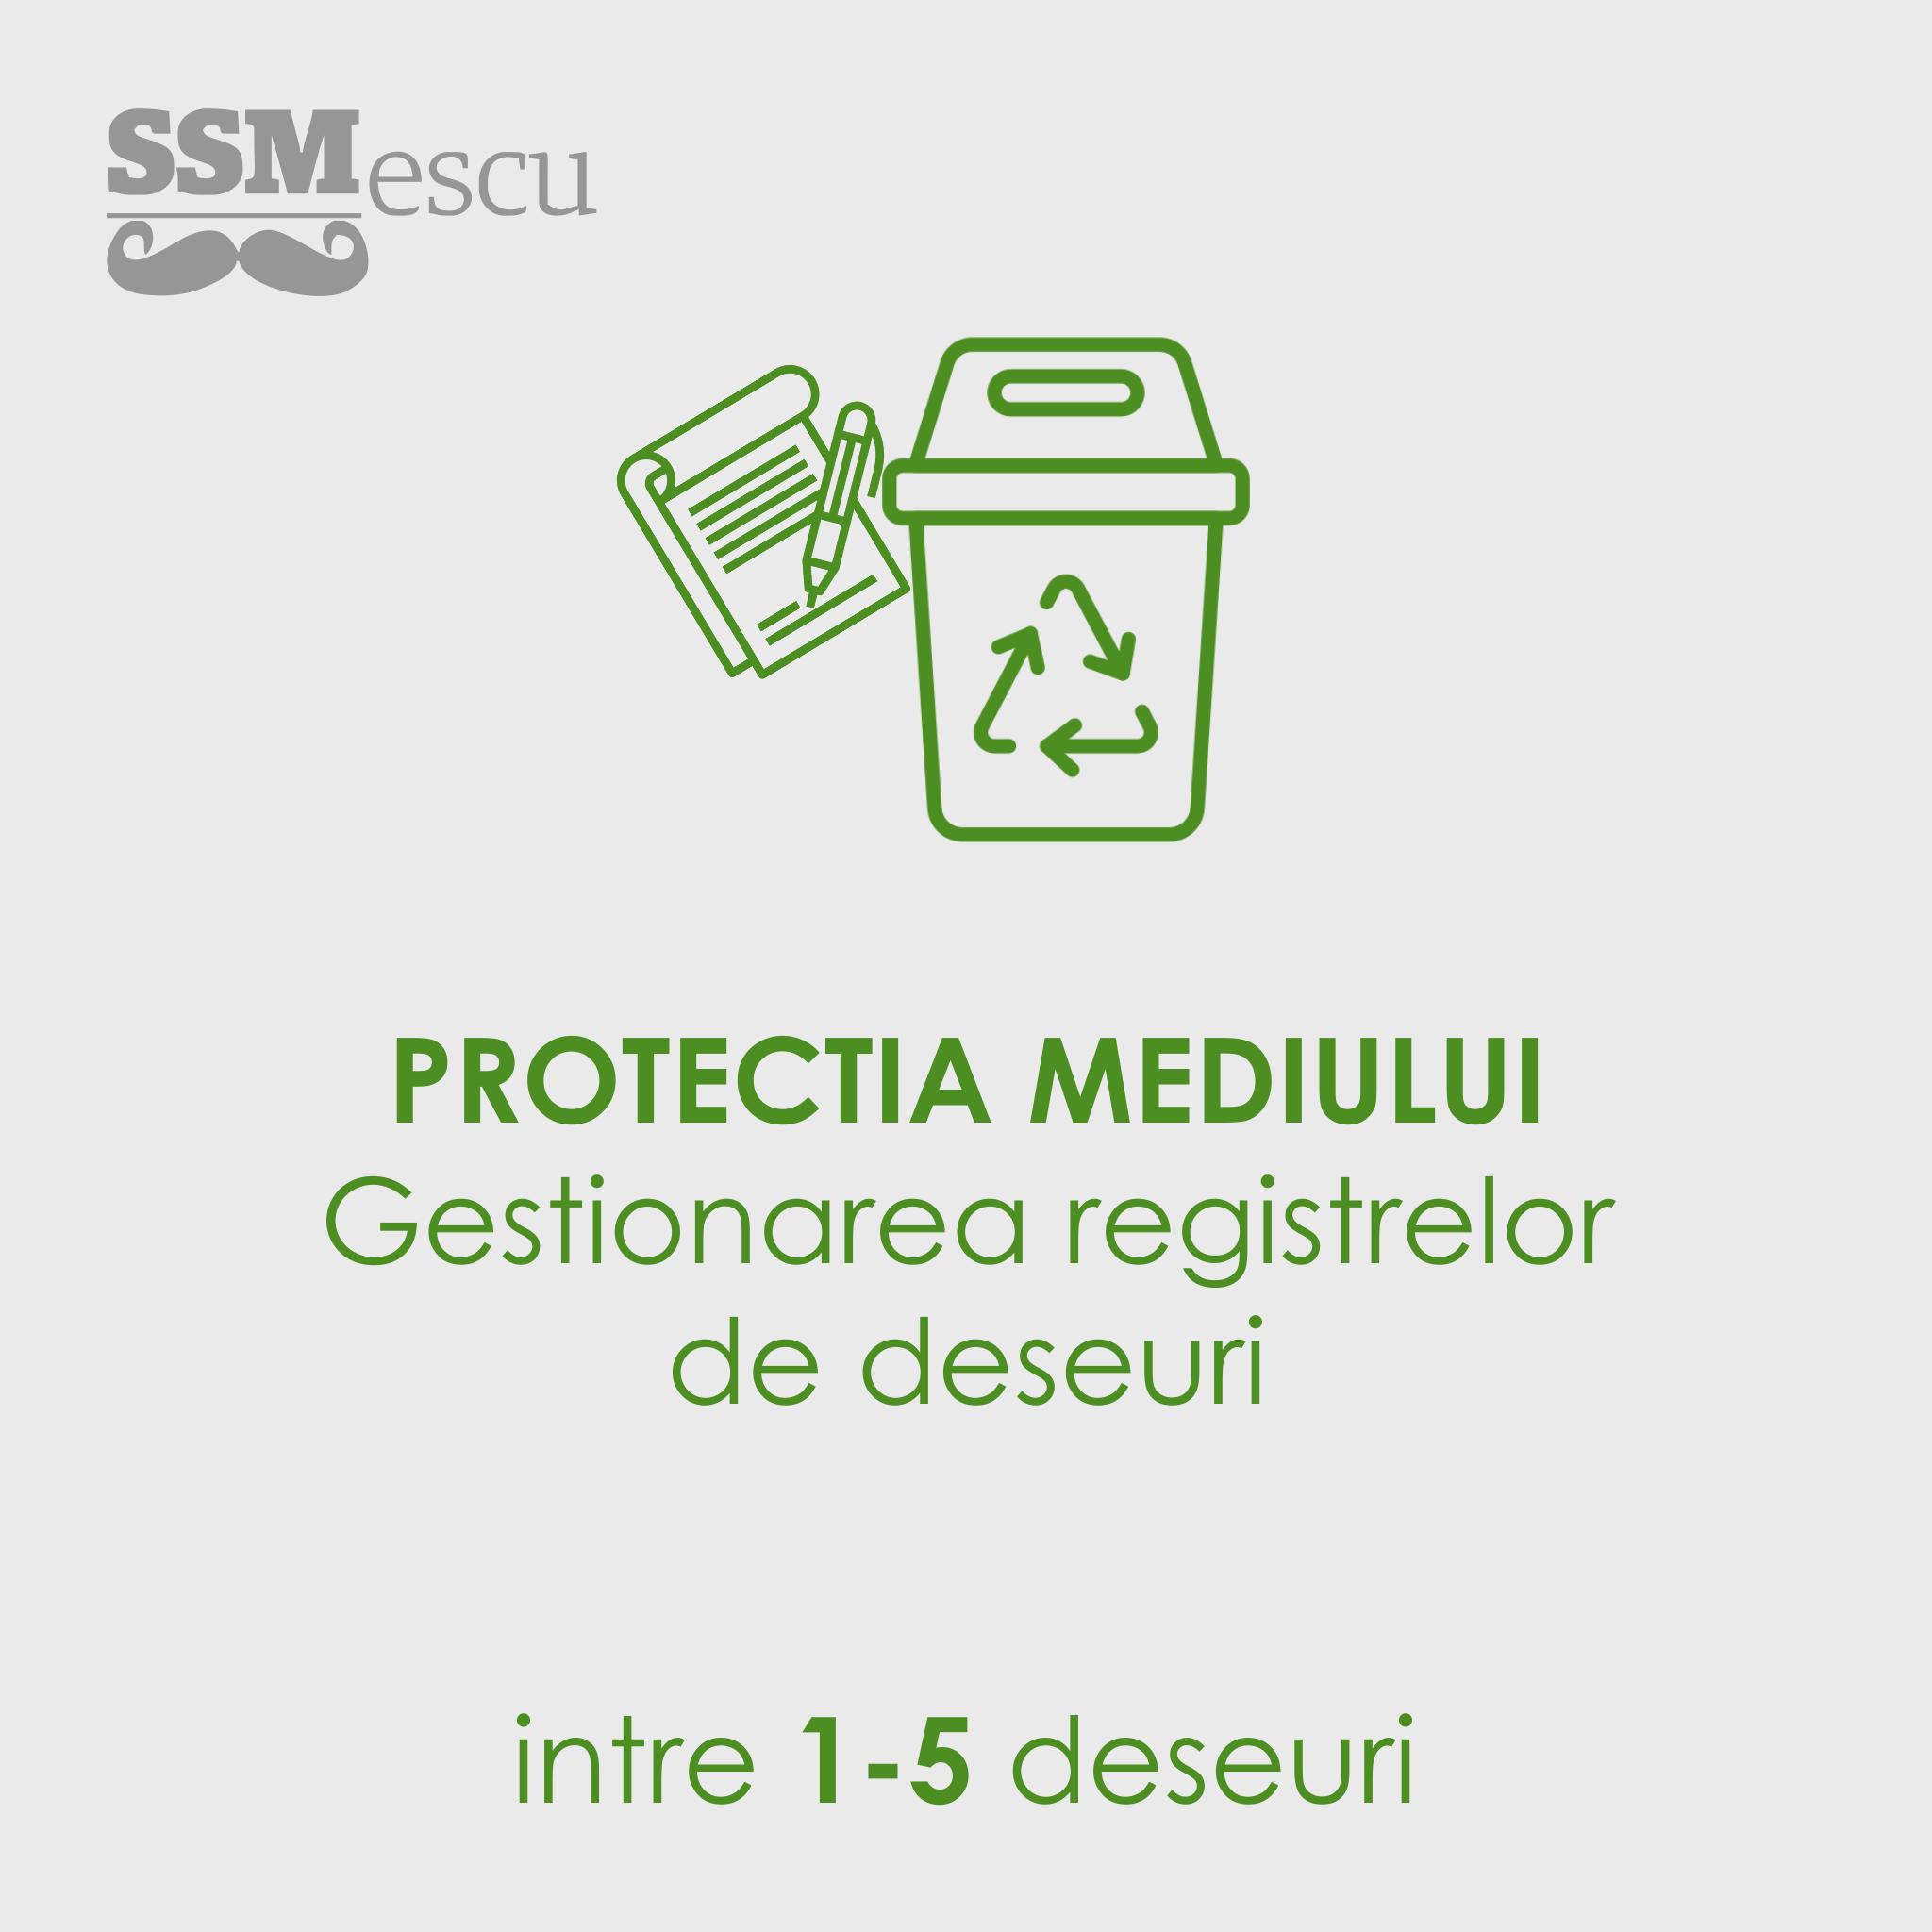 Protectia mediului gestionare deseuri 1-5